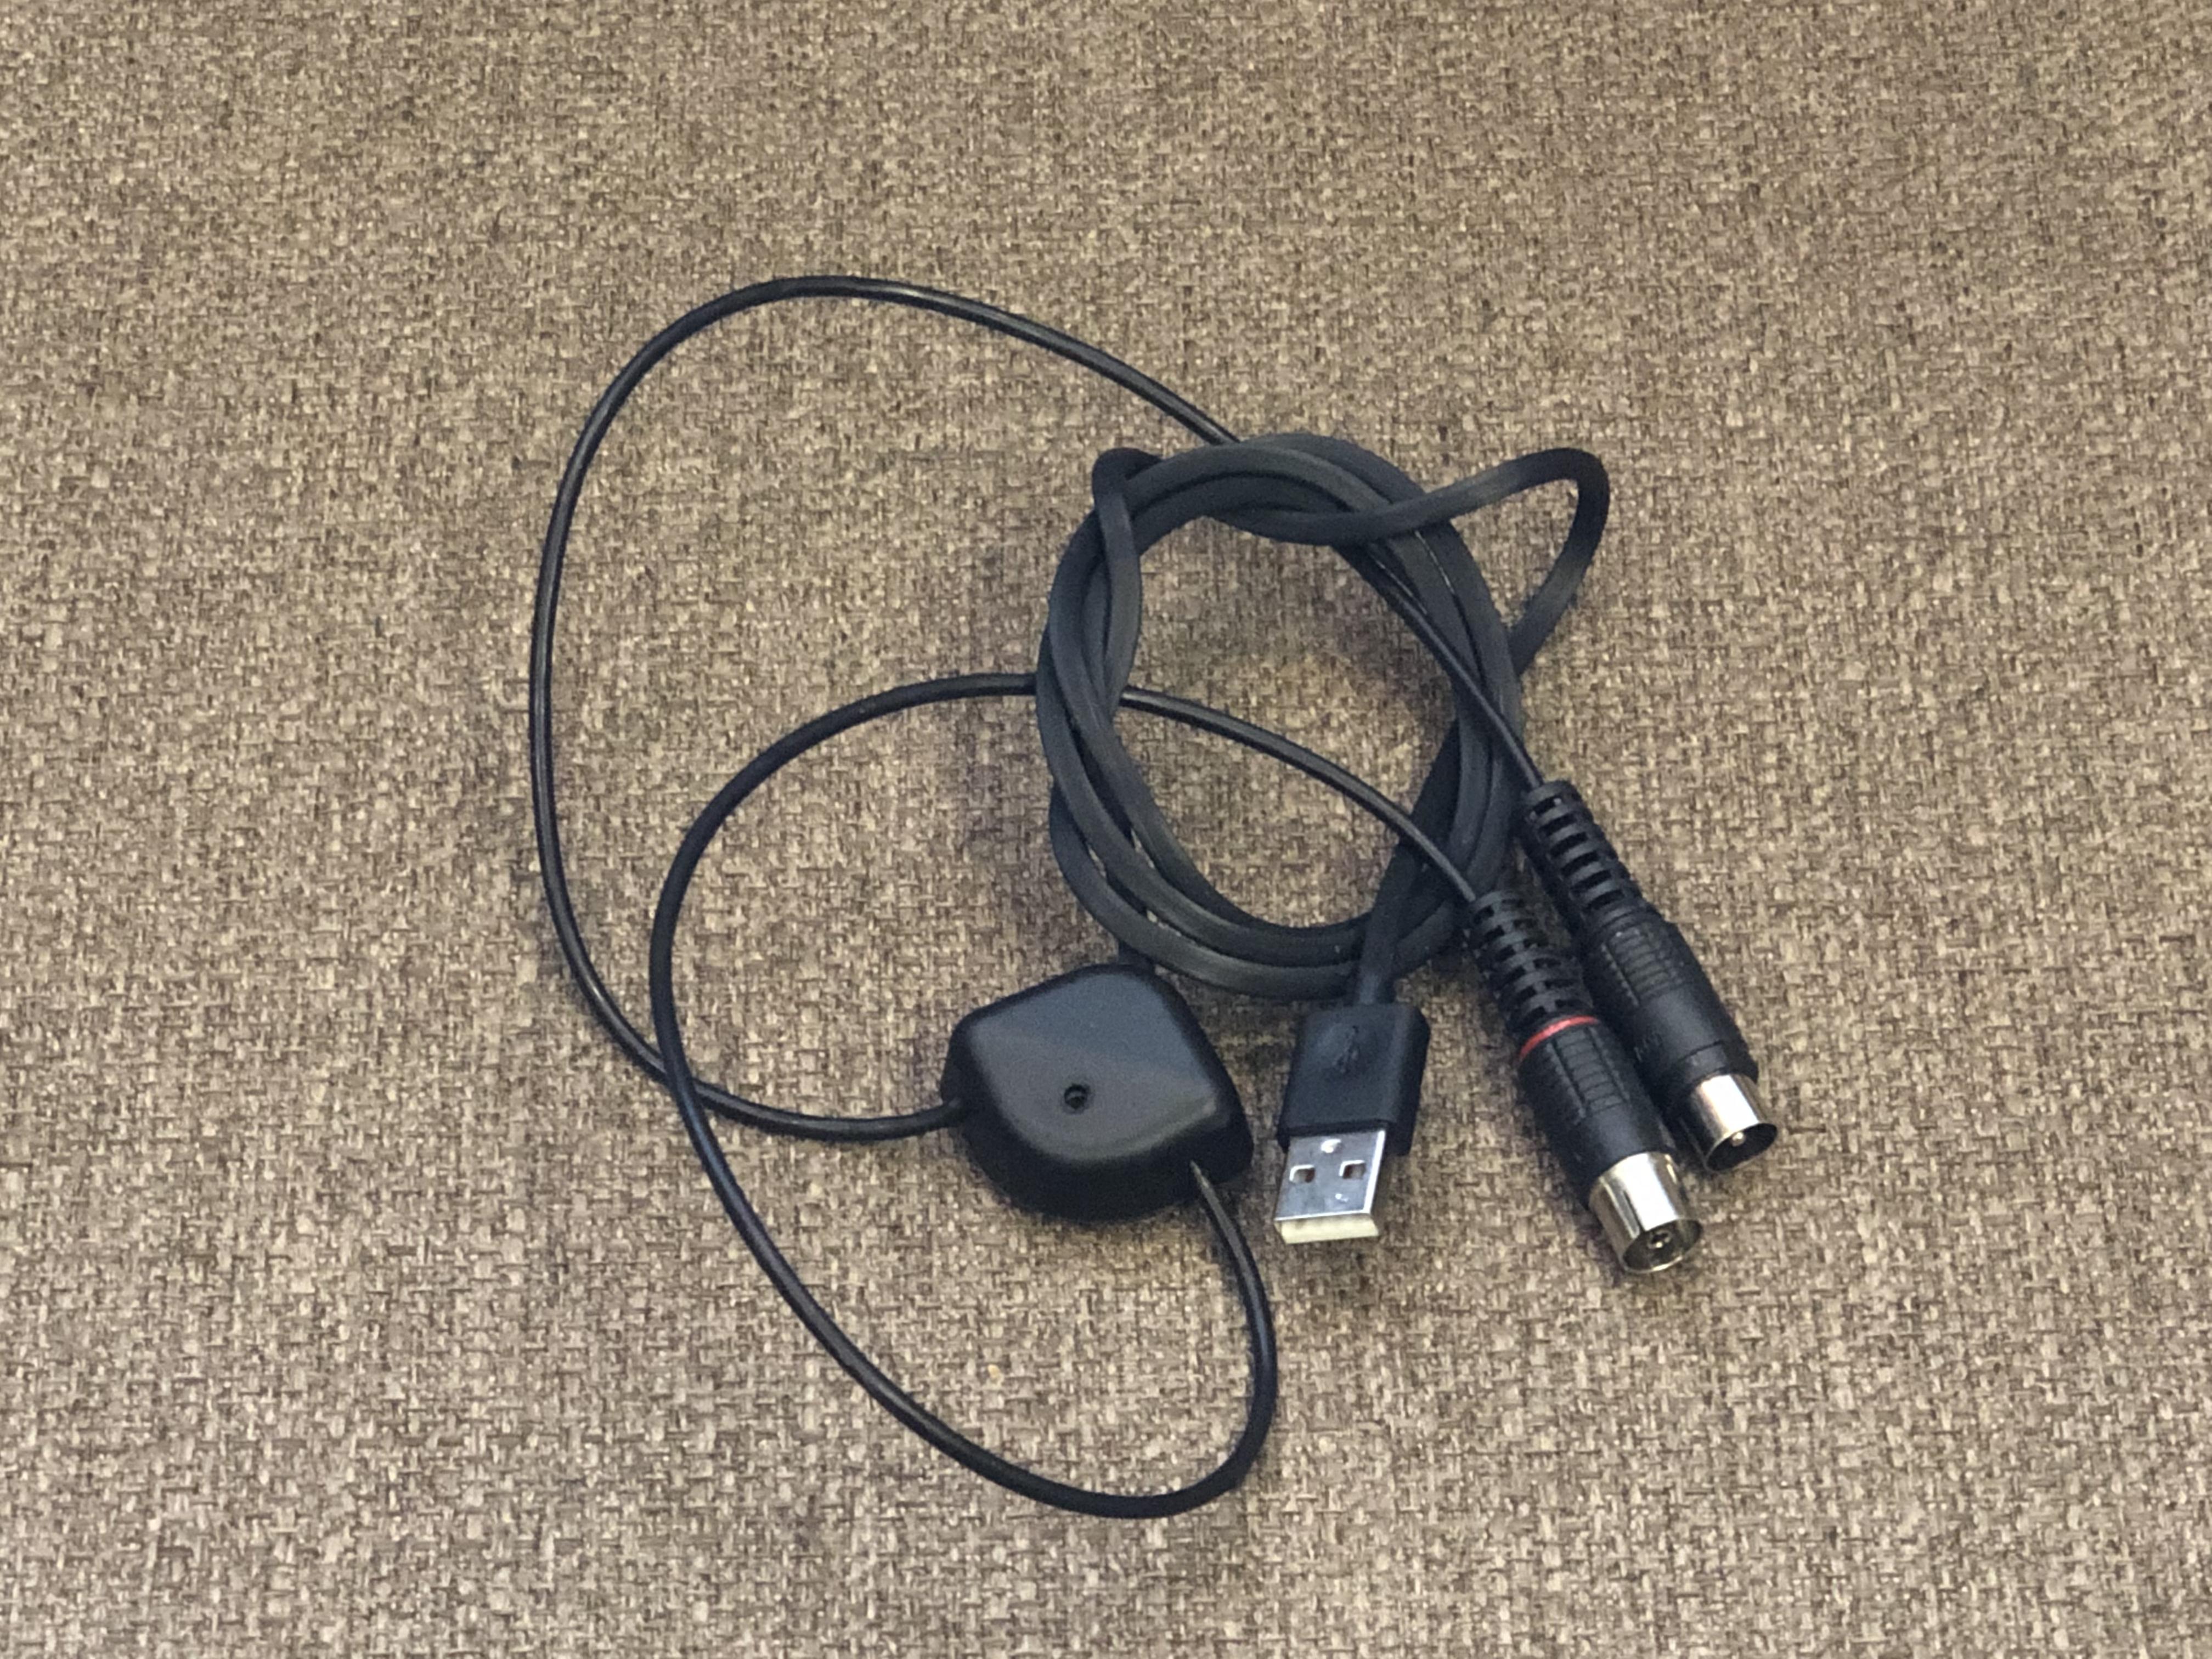 В современные антенны питание подается инжектором по центральной жиле кабеля